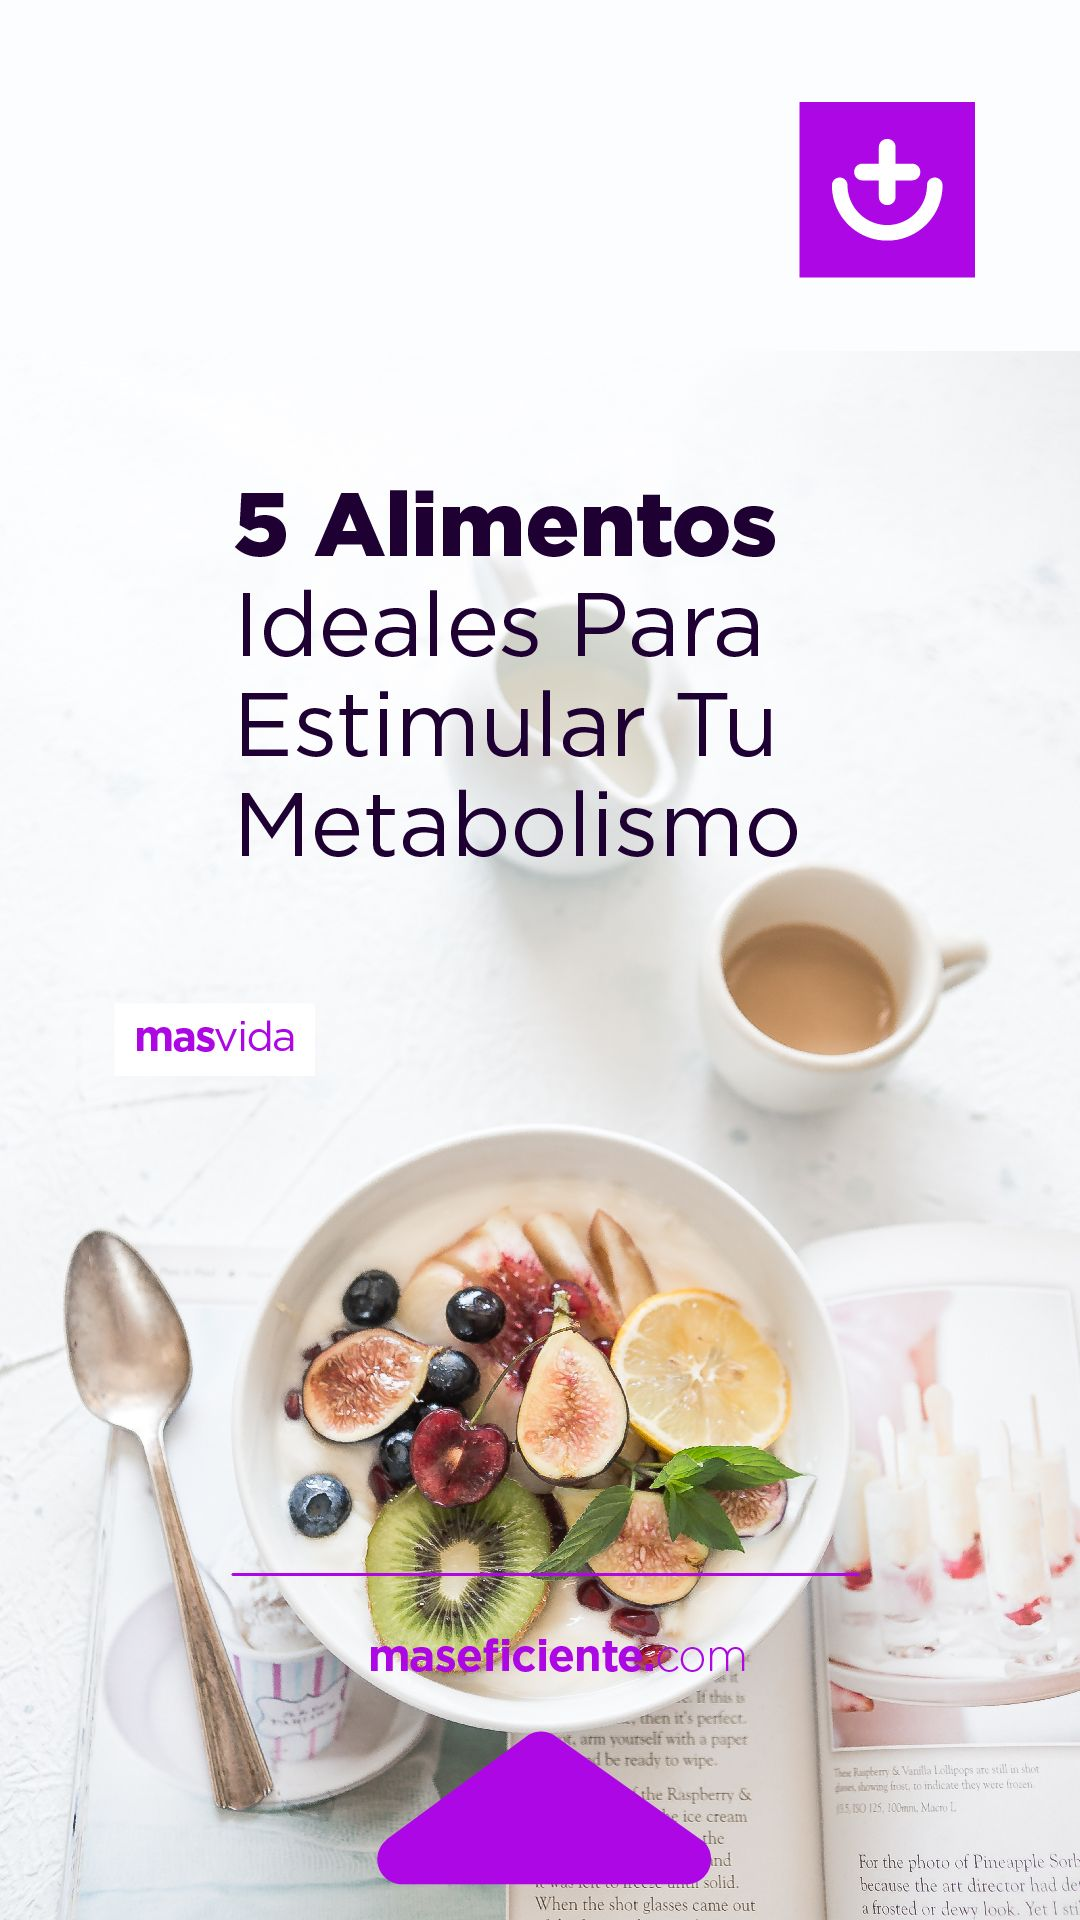 Aprender más sobre acelerar metabolismo para adelgazar